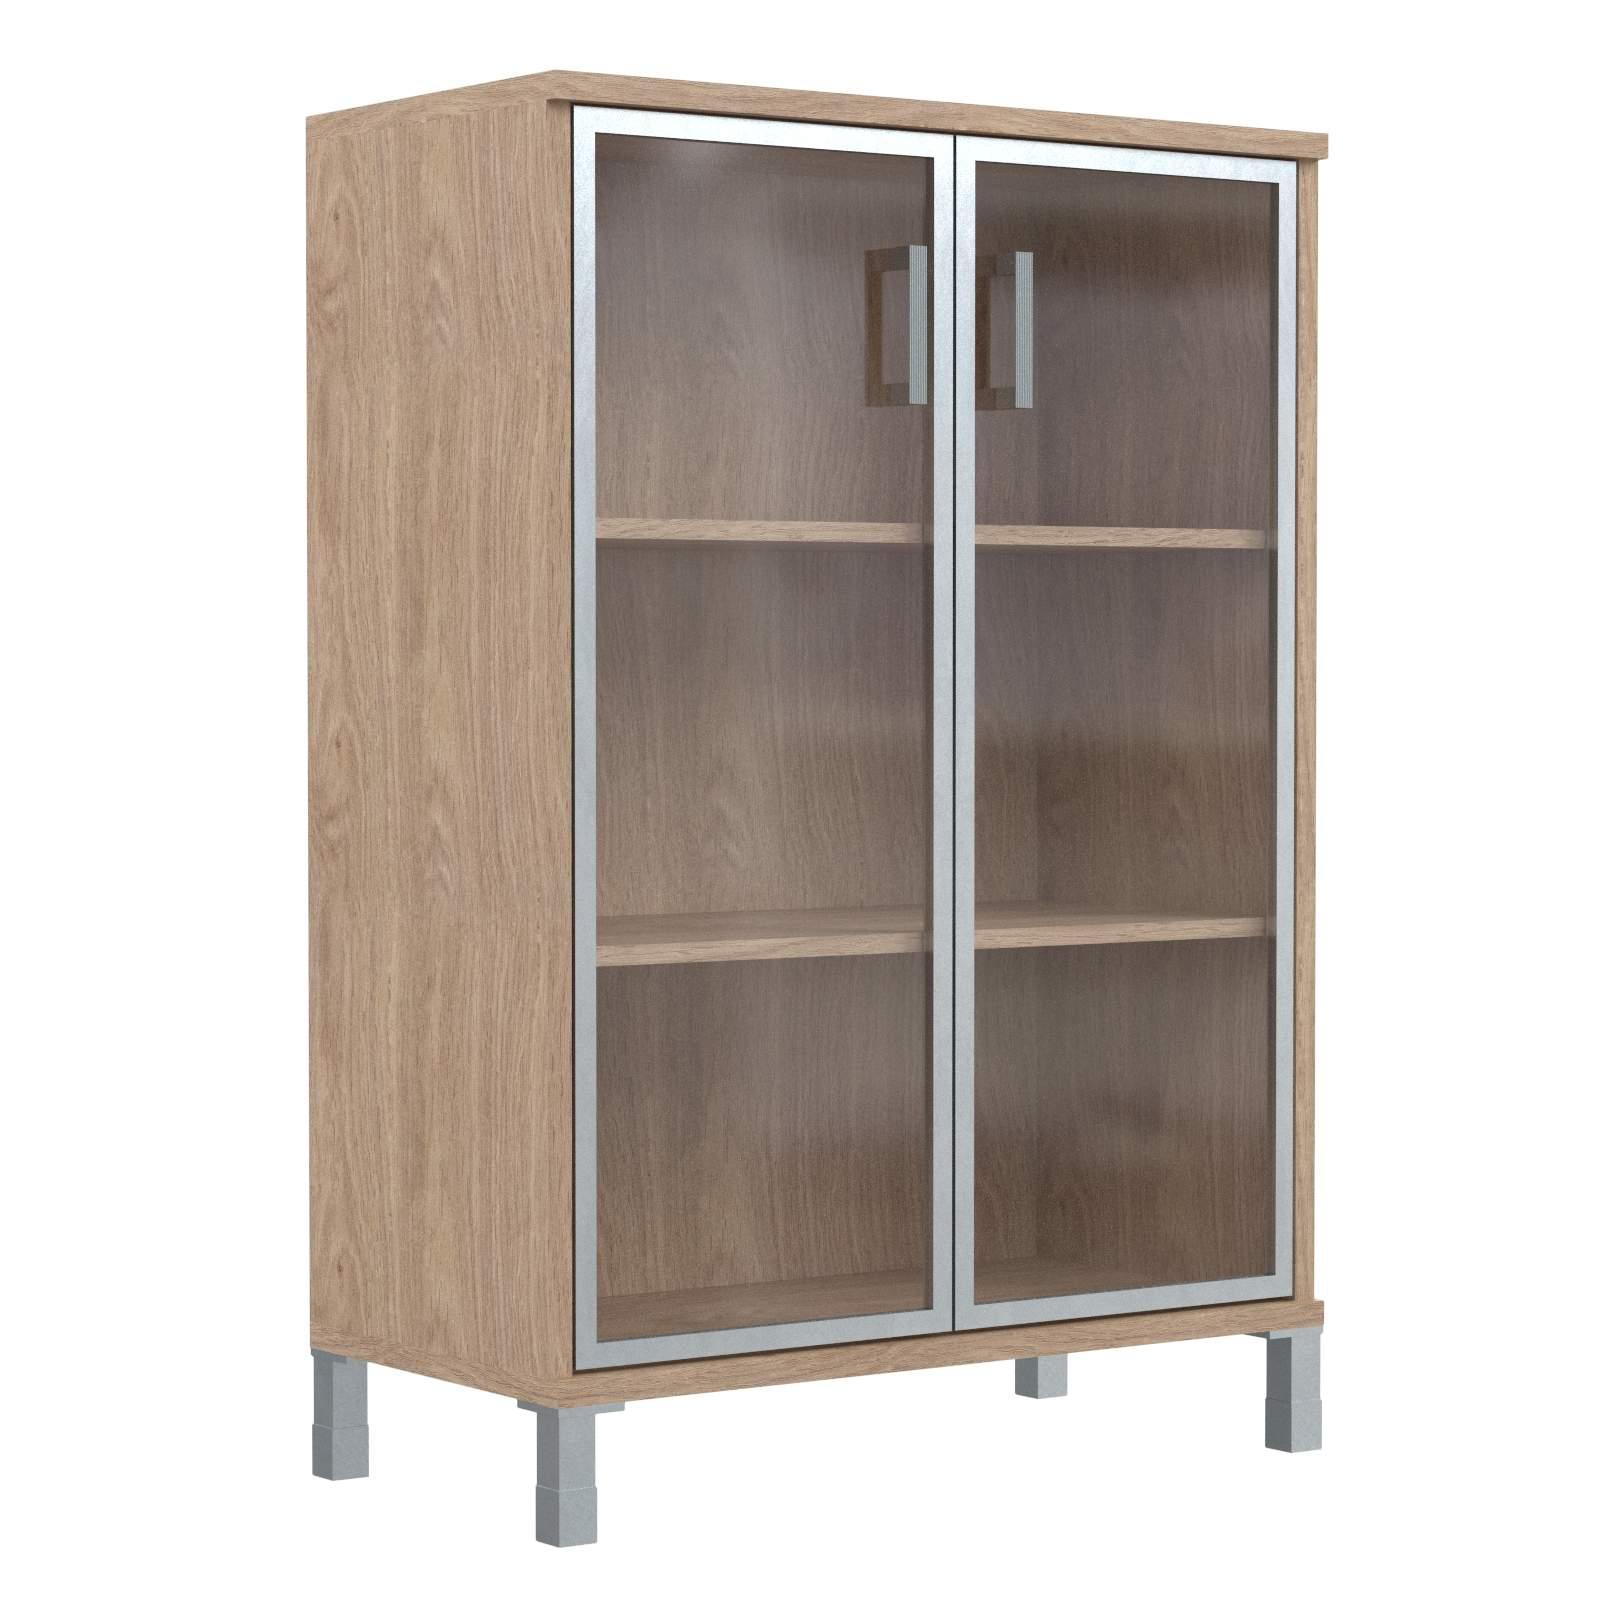 Шкаф средний со стеклянными дверьми в алюм. рамке 900х435х1236